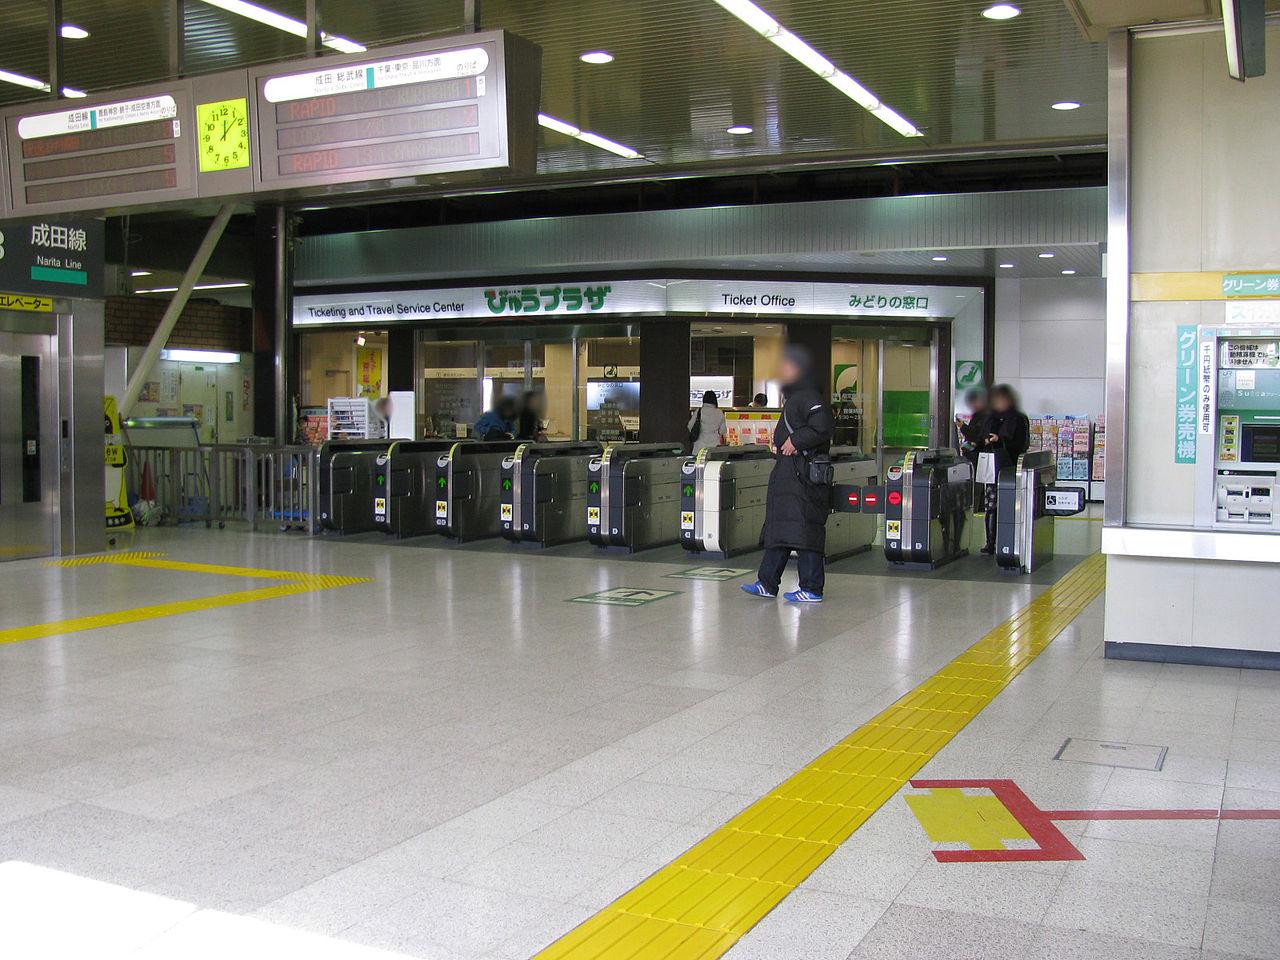 https://upload.wikimedia.org/wikipedia/commons/thumb/2/21/JR_Narita_sta_001.jpg/1280px-JR_Narita_sta_001.jpg